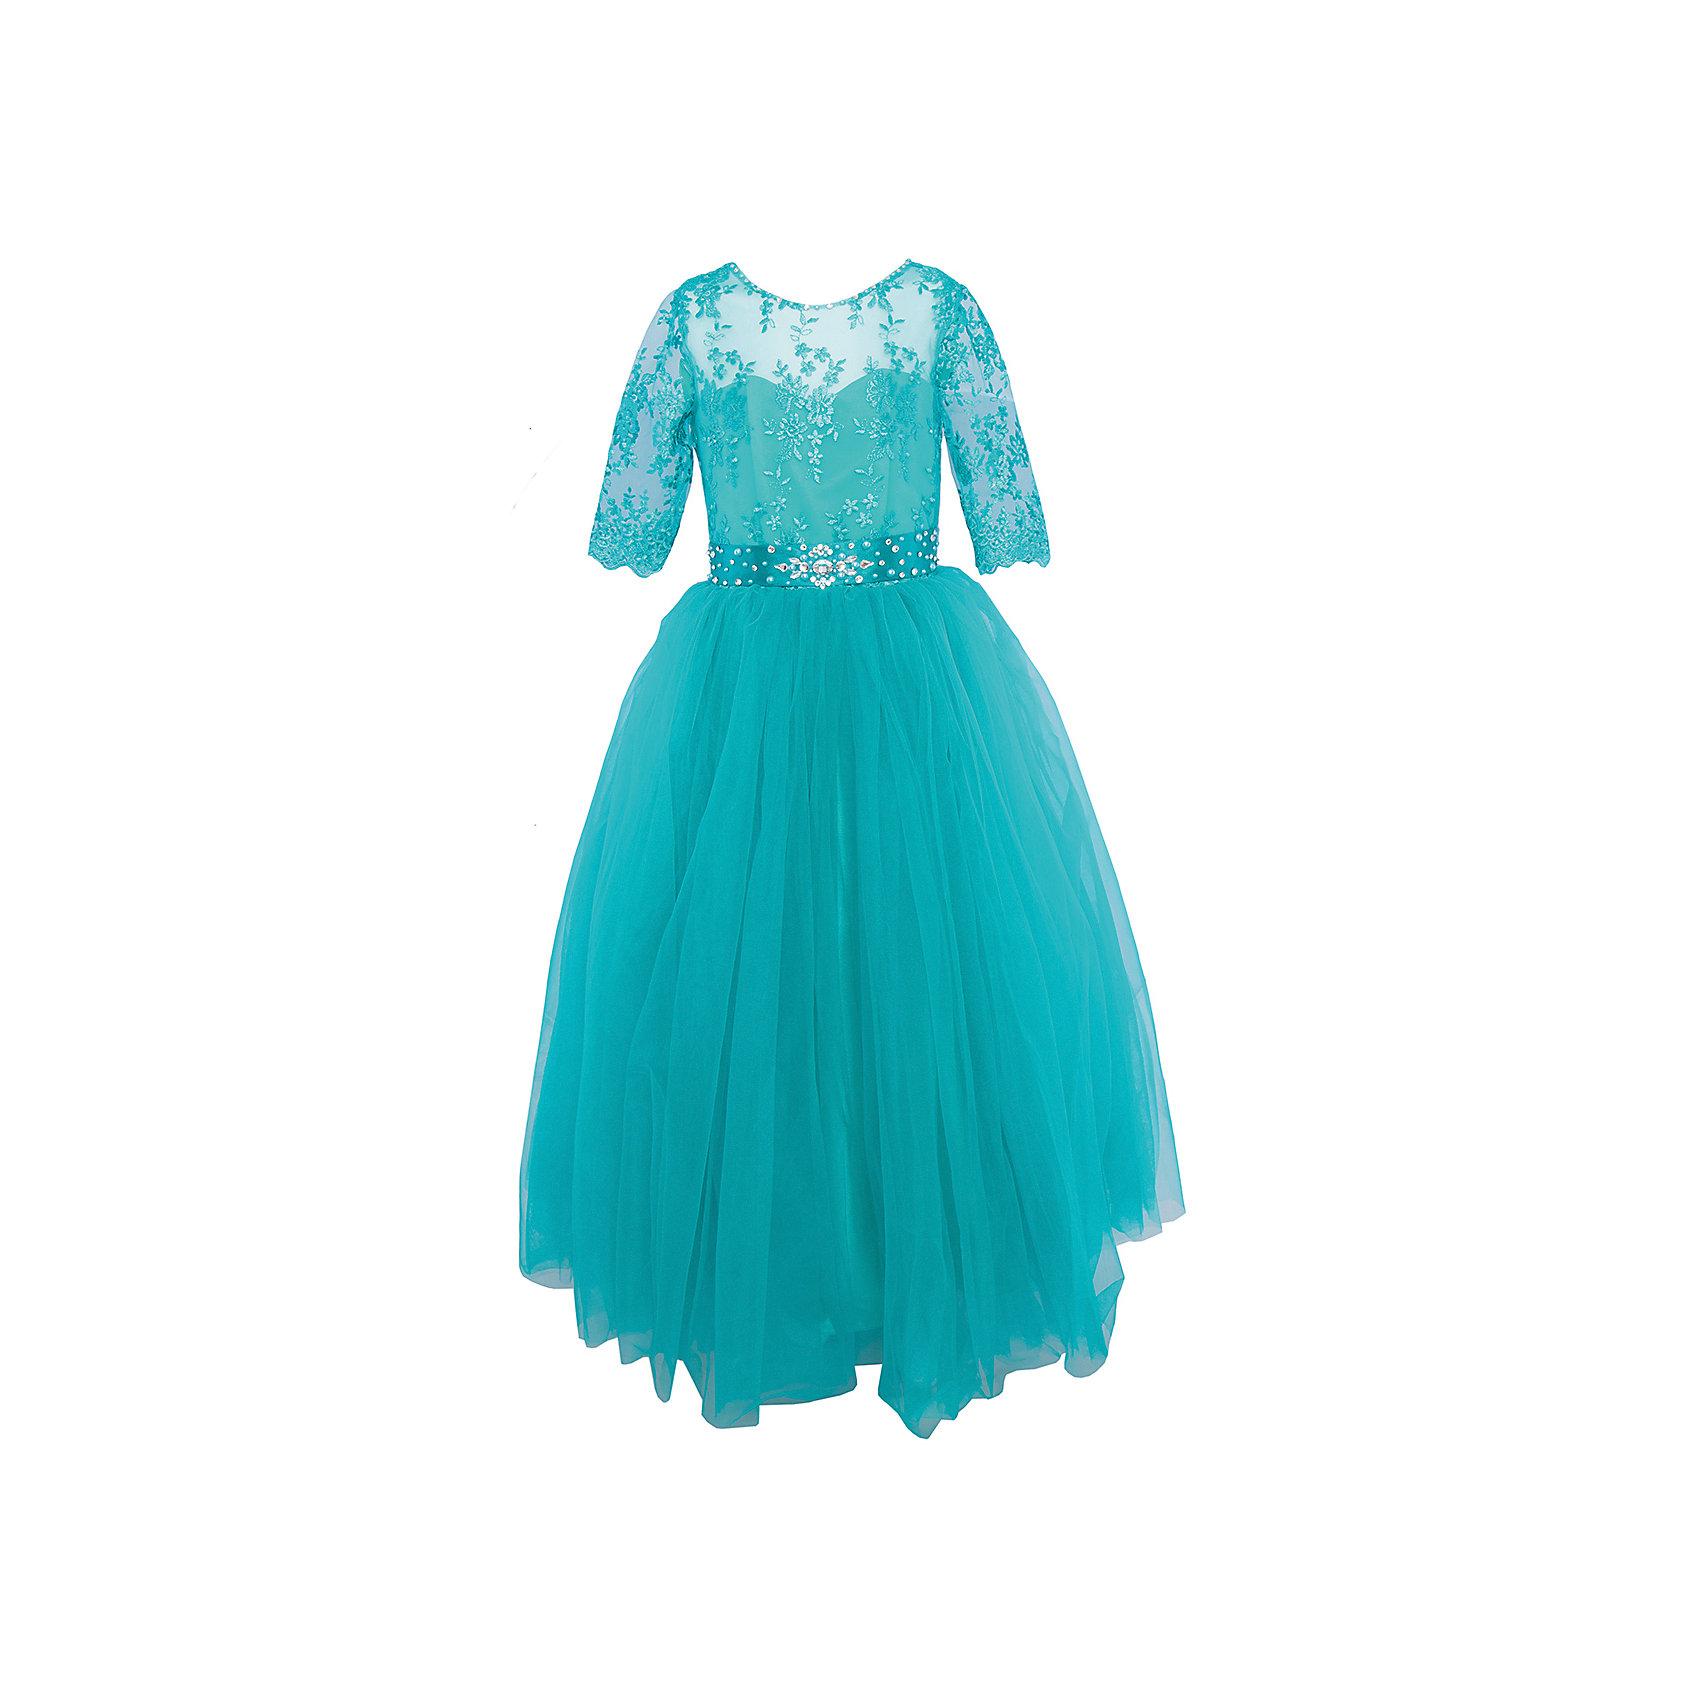 Платье нарядное ПрестижОдежда<br>Платье для девочки Престиж.<br><br>Характеристики:<br><br>• пышный силуэт<br>• рукав три четверти<br>• цвет: зеленый<br>• состав: 100% полиэстер<br><br>Нарядное платье для девочки Престиж прекрасно подойдет для любого торжества. Оно имеет пышный силуэт, рукава три четверти. Рукава и верх платья полупрозрачные, украшены вышивкой. Лиф также украшен вышивкой. Необычный поясок идеально дополнит нежный образ юной леди.<br><br>Платье регулируется шнуровкой сзади, от талии до верха спинки. Шнуровка в комплекте.<br>Платье подходит для занятий бальными танцами.<br><br>Платье для девочки Престиж вы можете купить в нашем интернет-магазине.<br><br>Ширина мм: 236<br>Глубина мм: 16<br>Высота мм: 184<br>Вес г: 177<br>Цвет: зеленый<br>Возраст от месяцев: 96<br>Возраст до месяцев: 108<br>Пол: Женский<br>Возраст: Детский<br>Размер: 122,128,116<br>SKU: 5158346